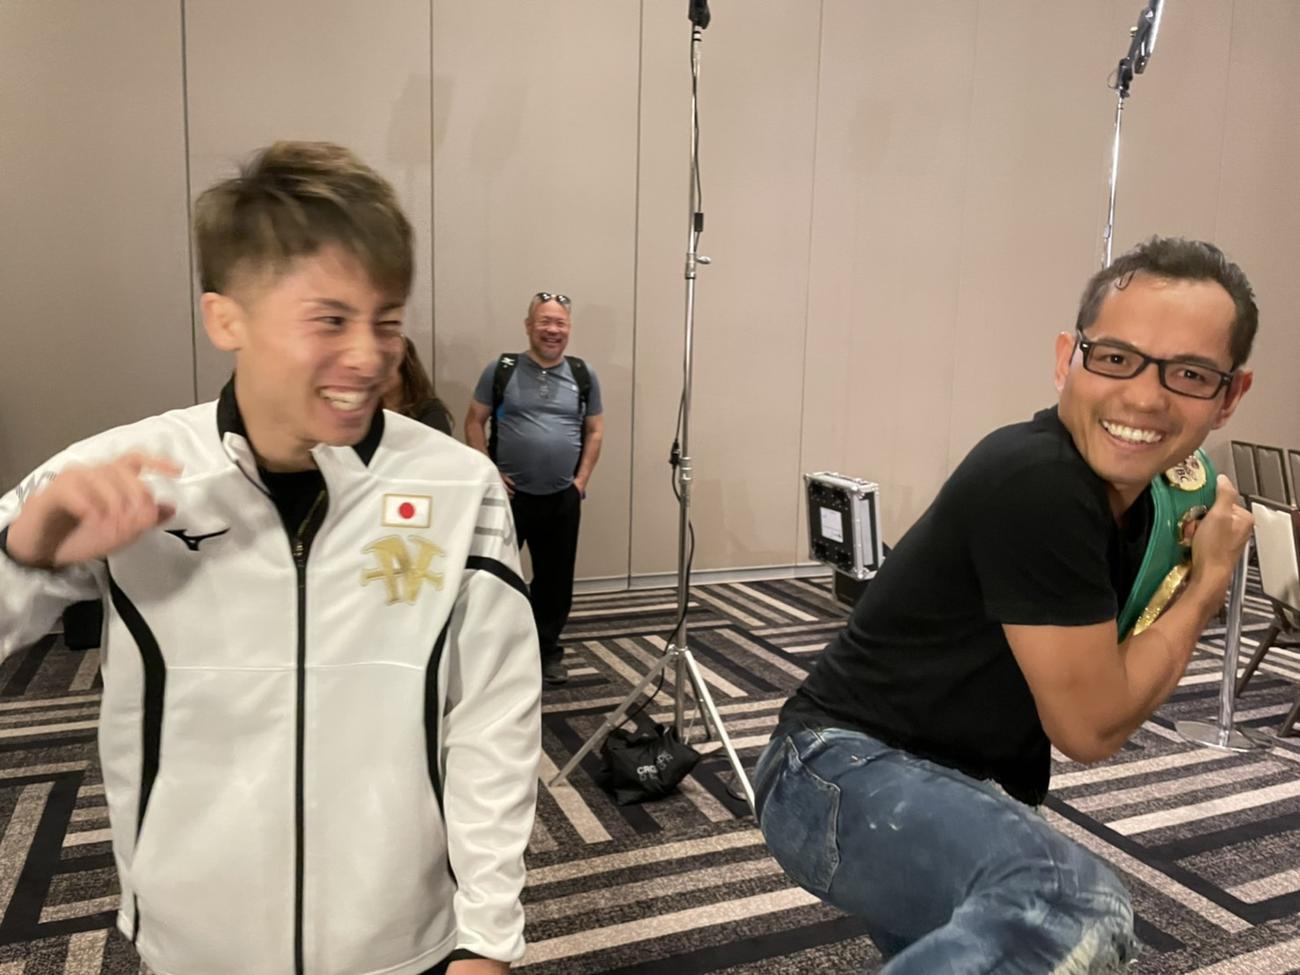 WBCベルトを奪おうとするポーズをみせた井上(左)は、ドネアのベルトを隠す動きに笑顔(大橋ジム提供)